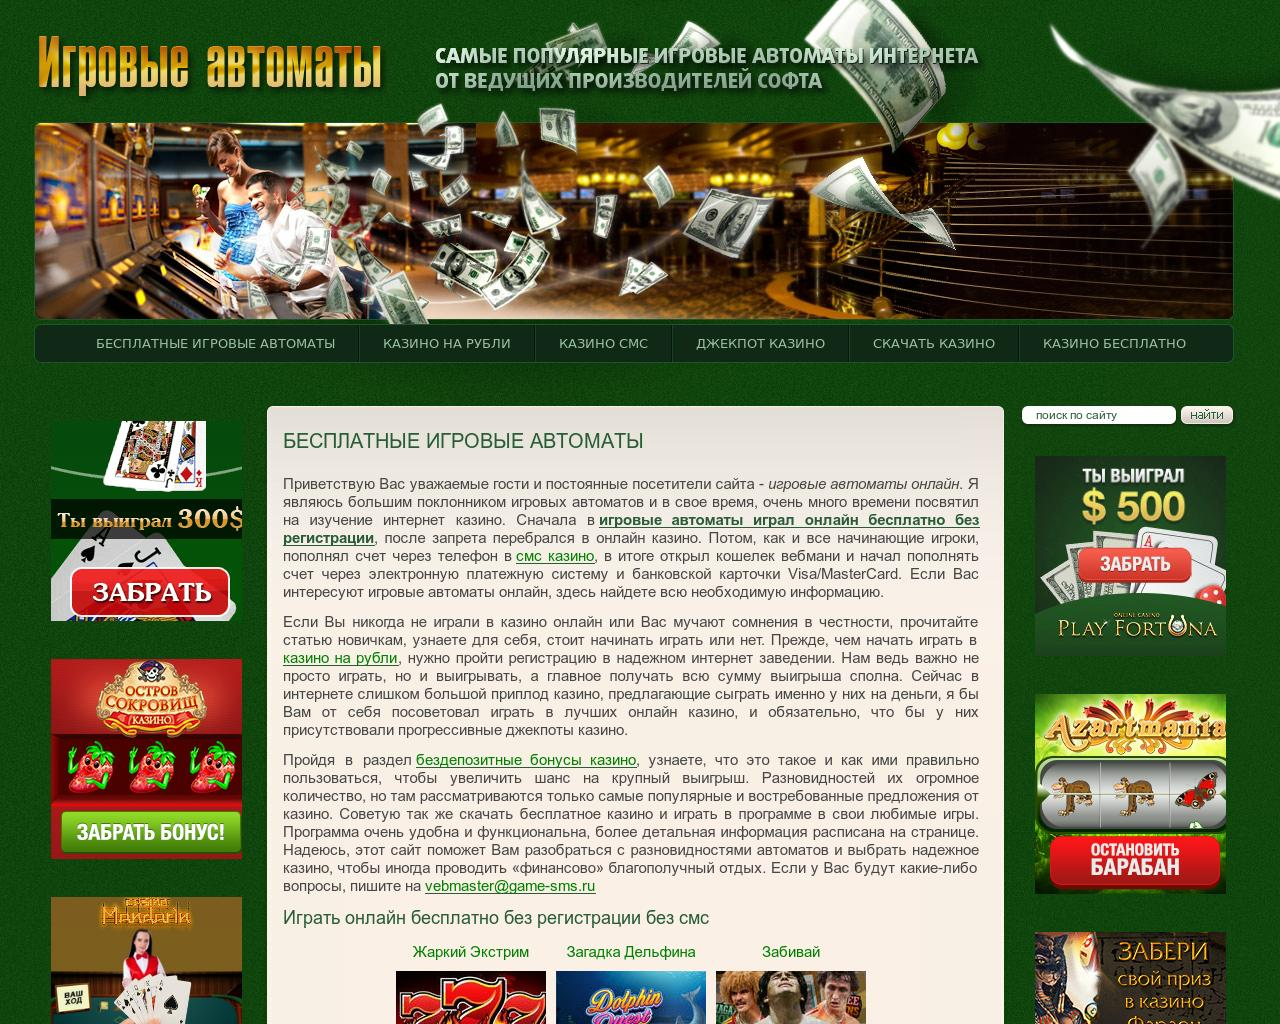 Для игроков онлайн казино в России — это: